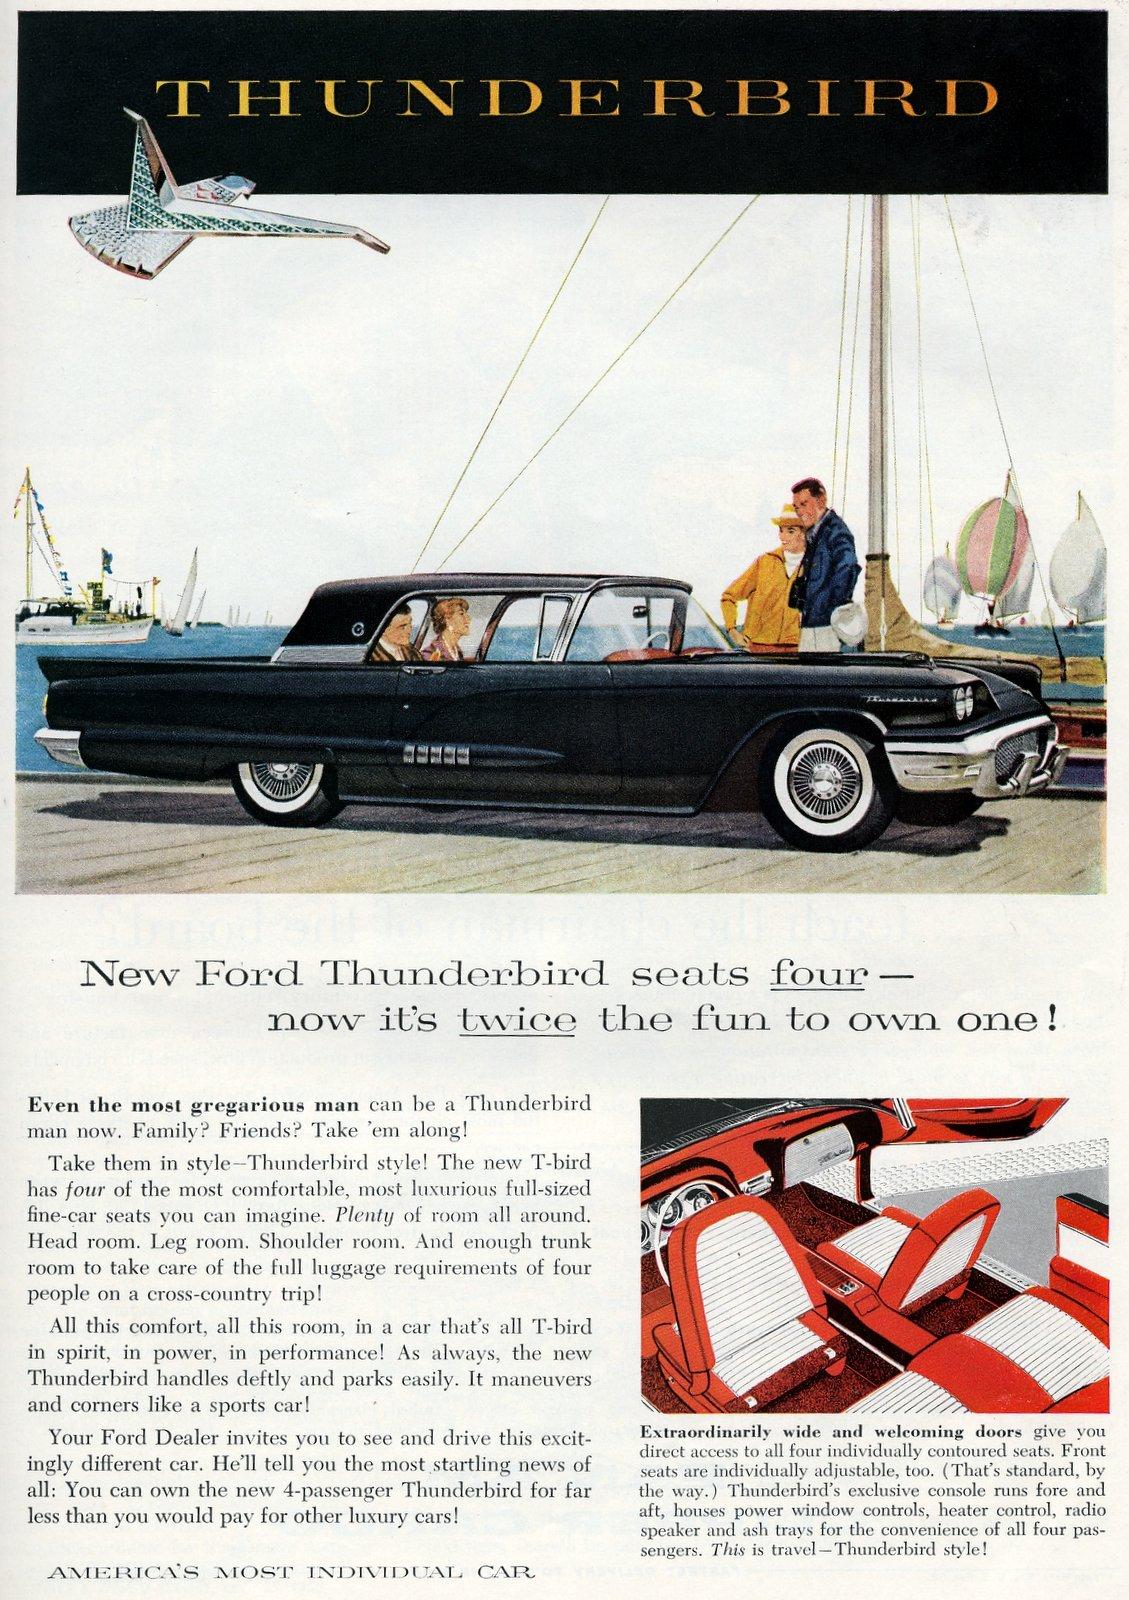 1958 Ford Thunderbird cars